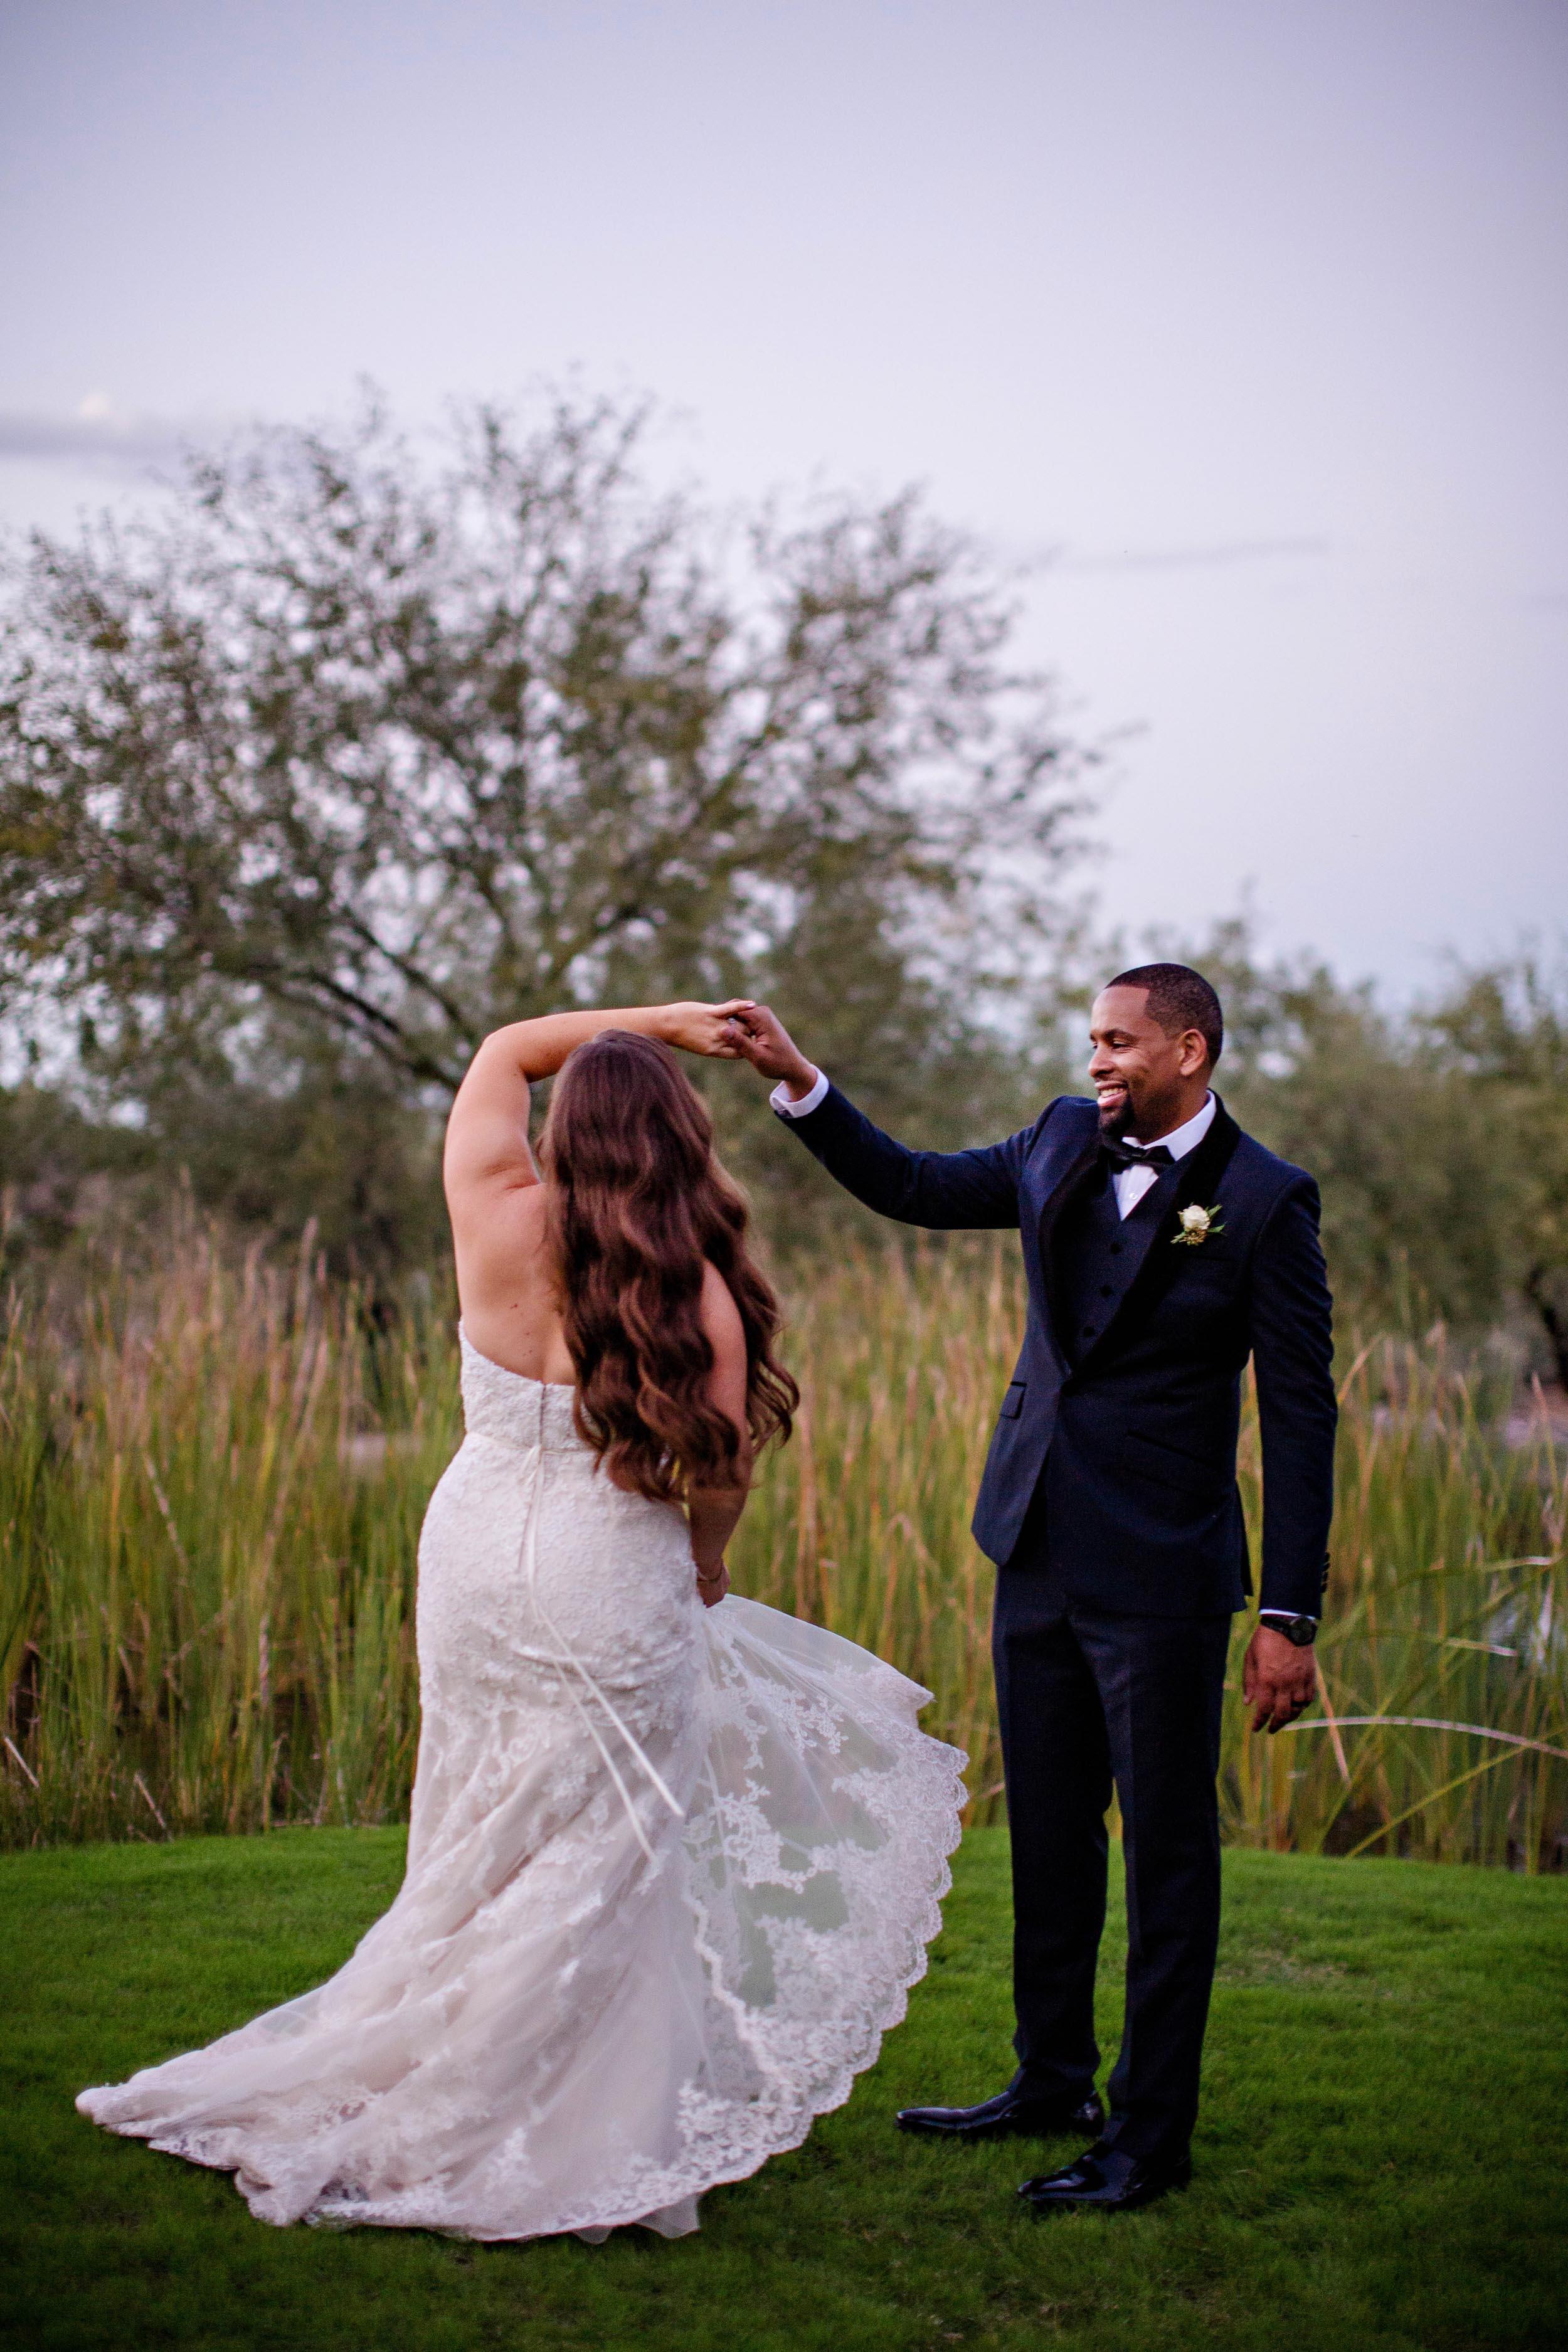 weddings-wildhorse-29.jpg